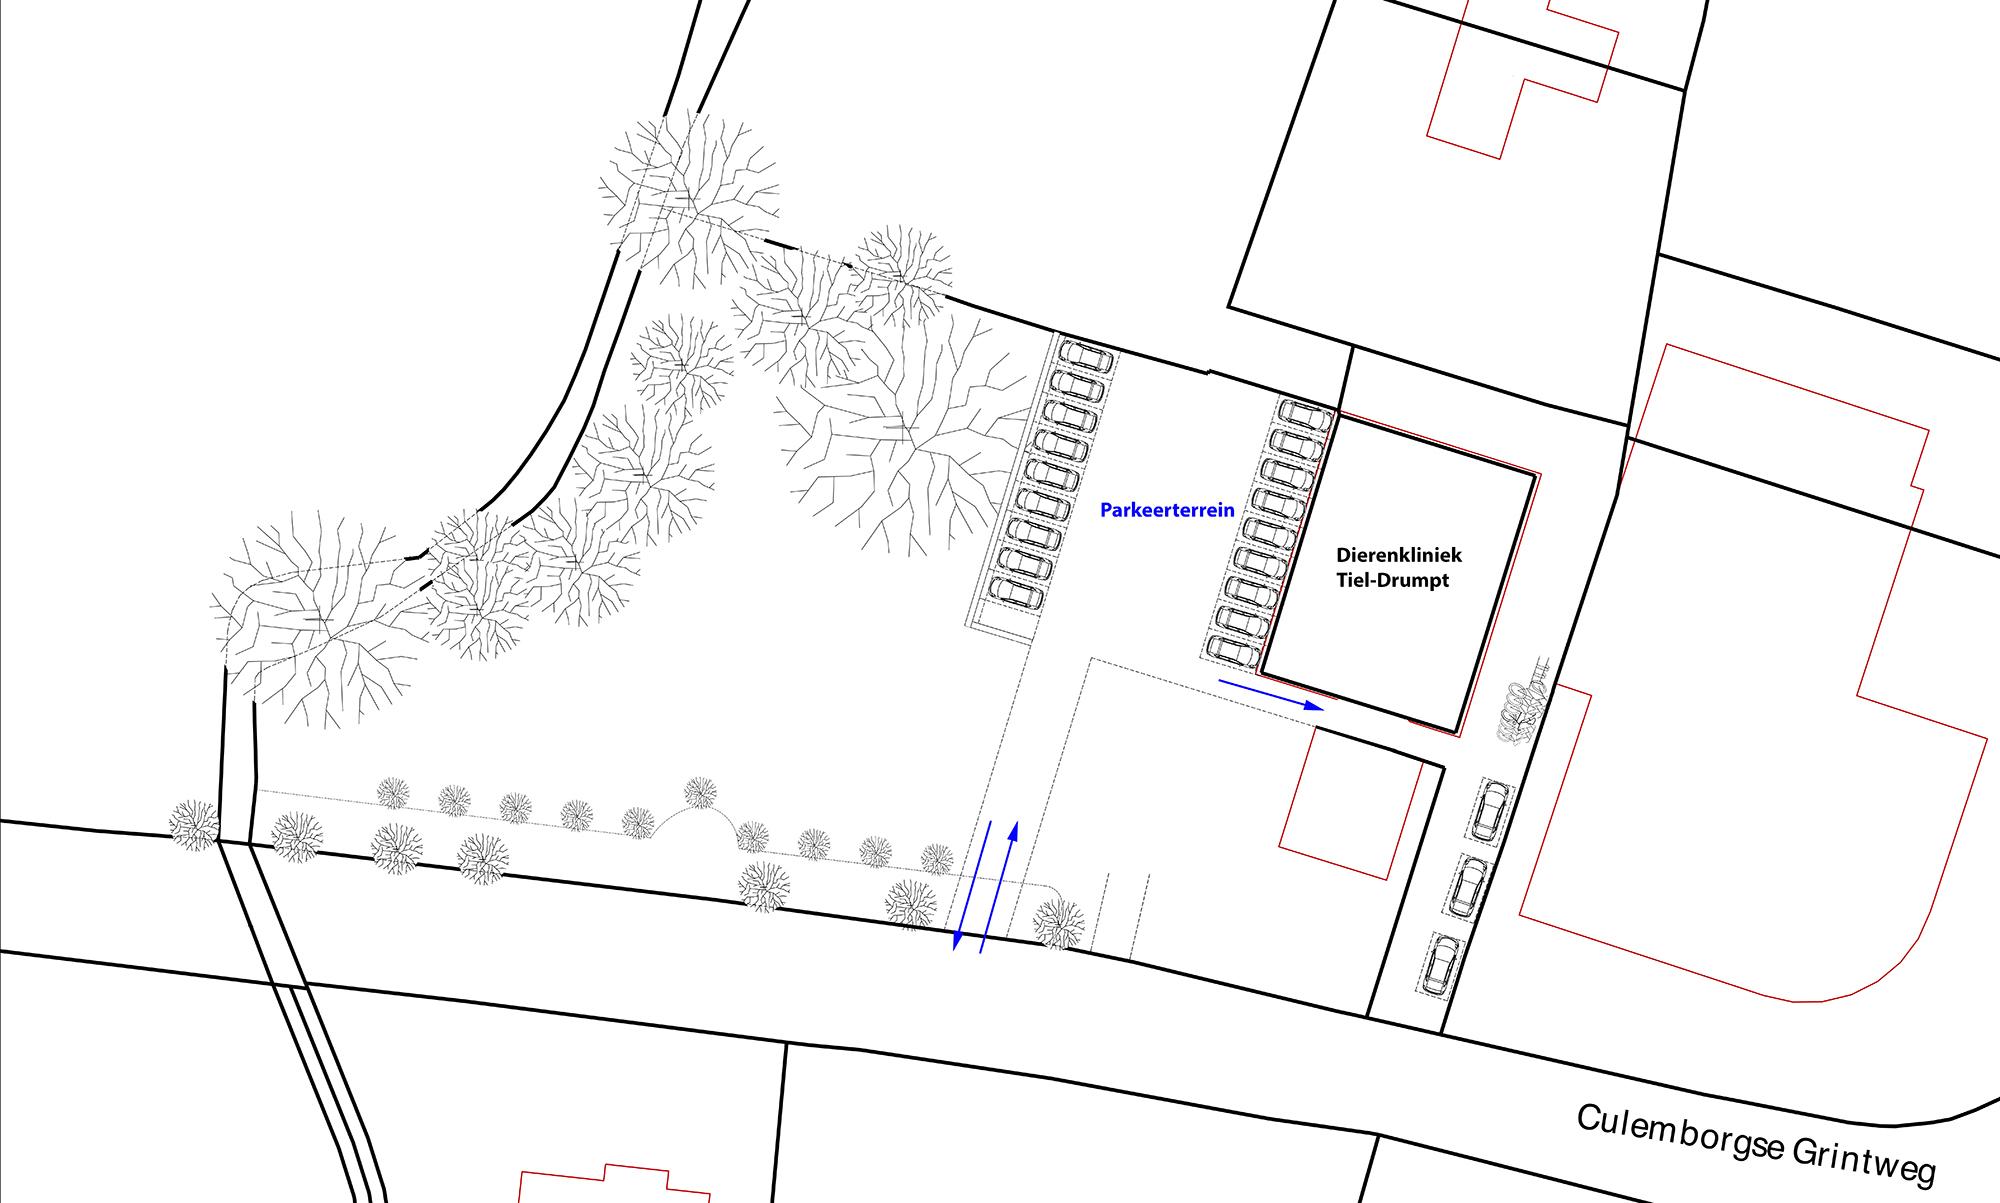 Dierenkliniek Tiel-Drumpt: Een schematische weergave van het parkeren bij de dierenarts in Tiel.